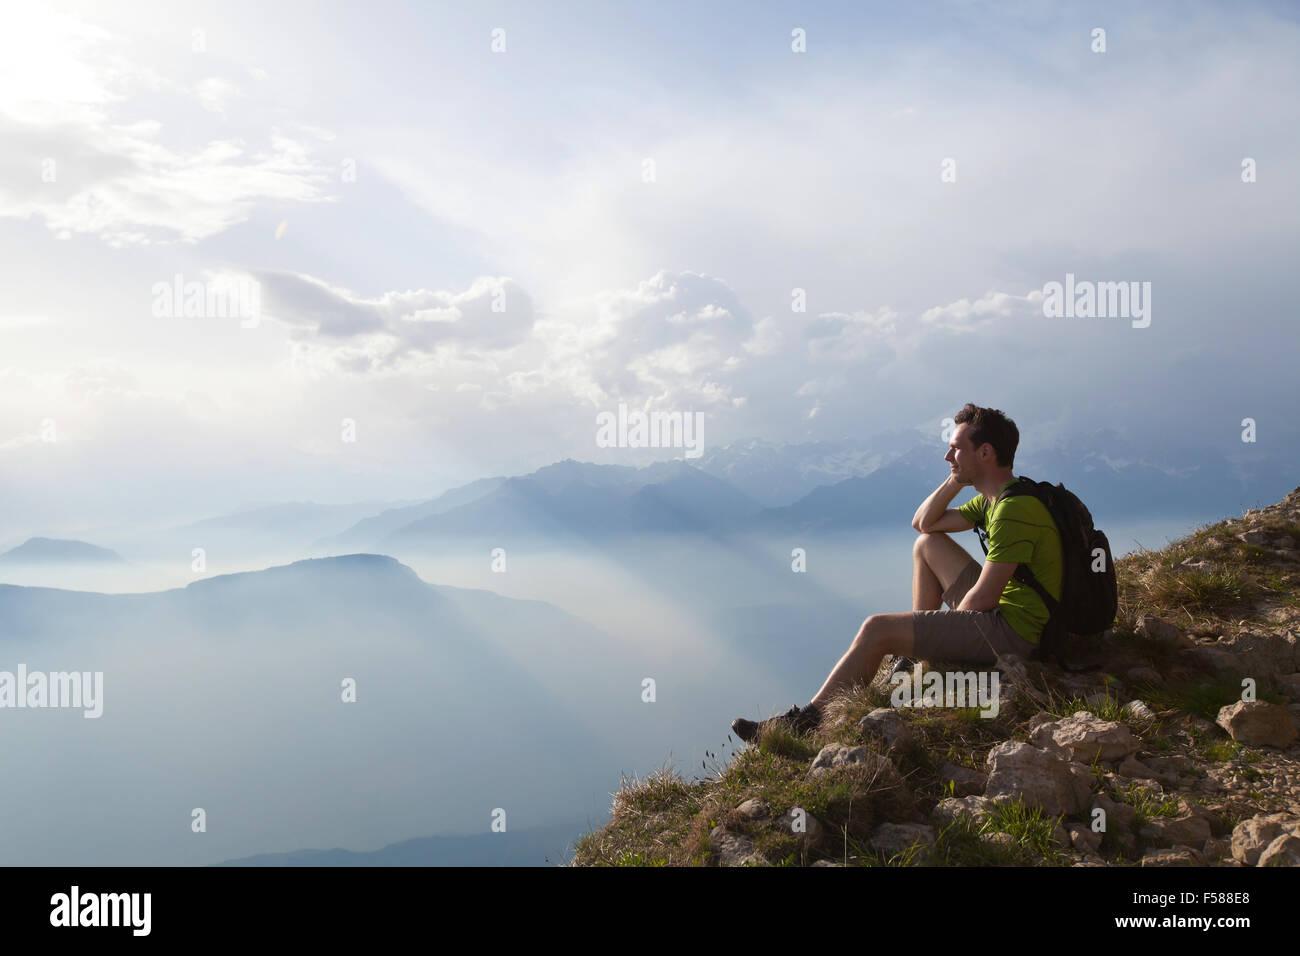 Reisende genießen Panoramablick während der Wanderung, schönen Hintergrund mit Berglandschaft Stockbild